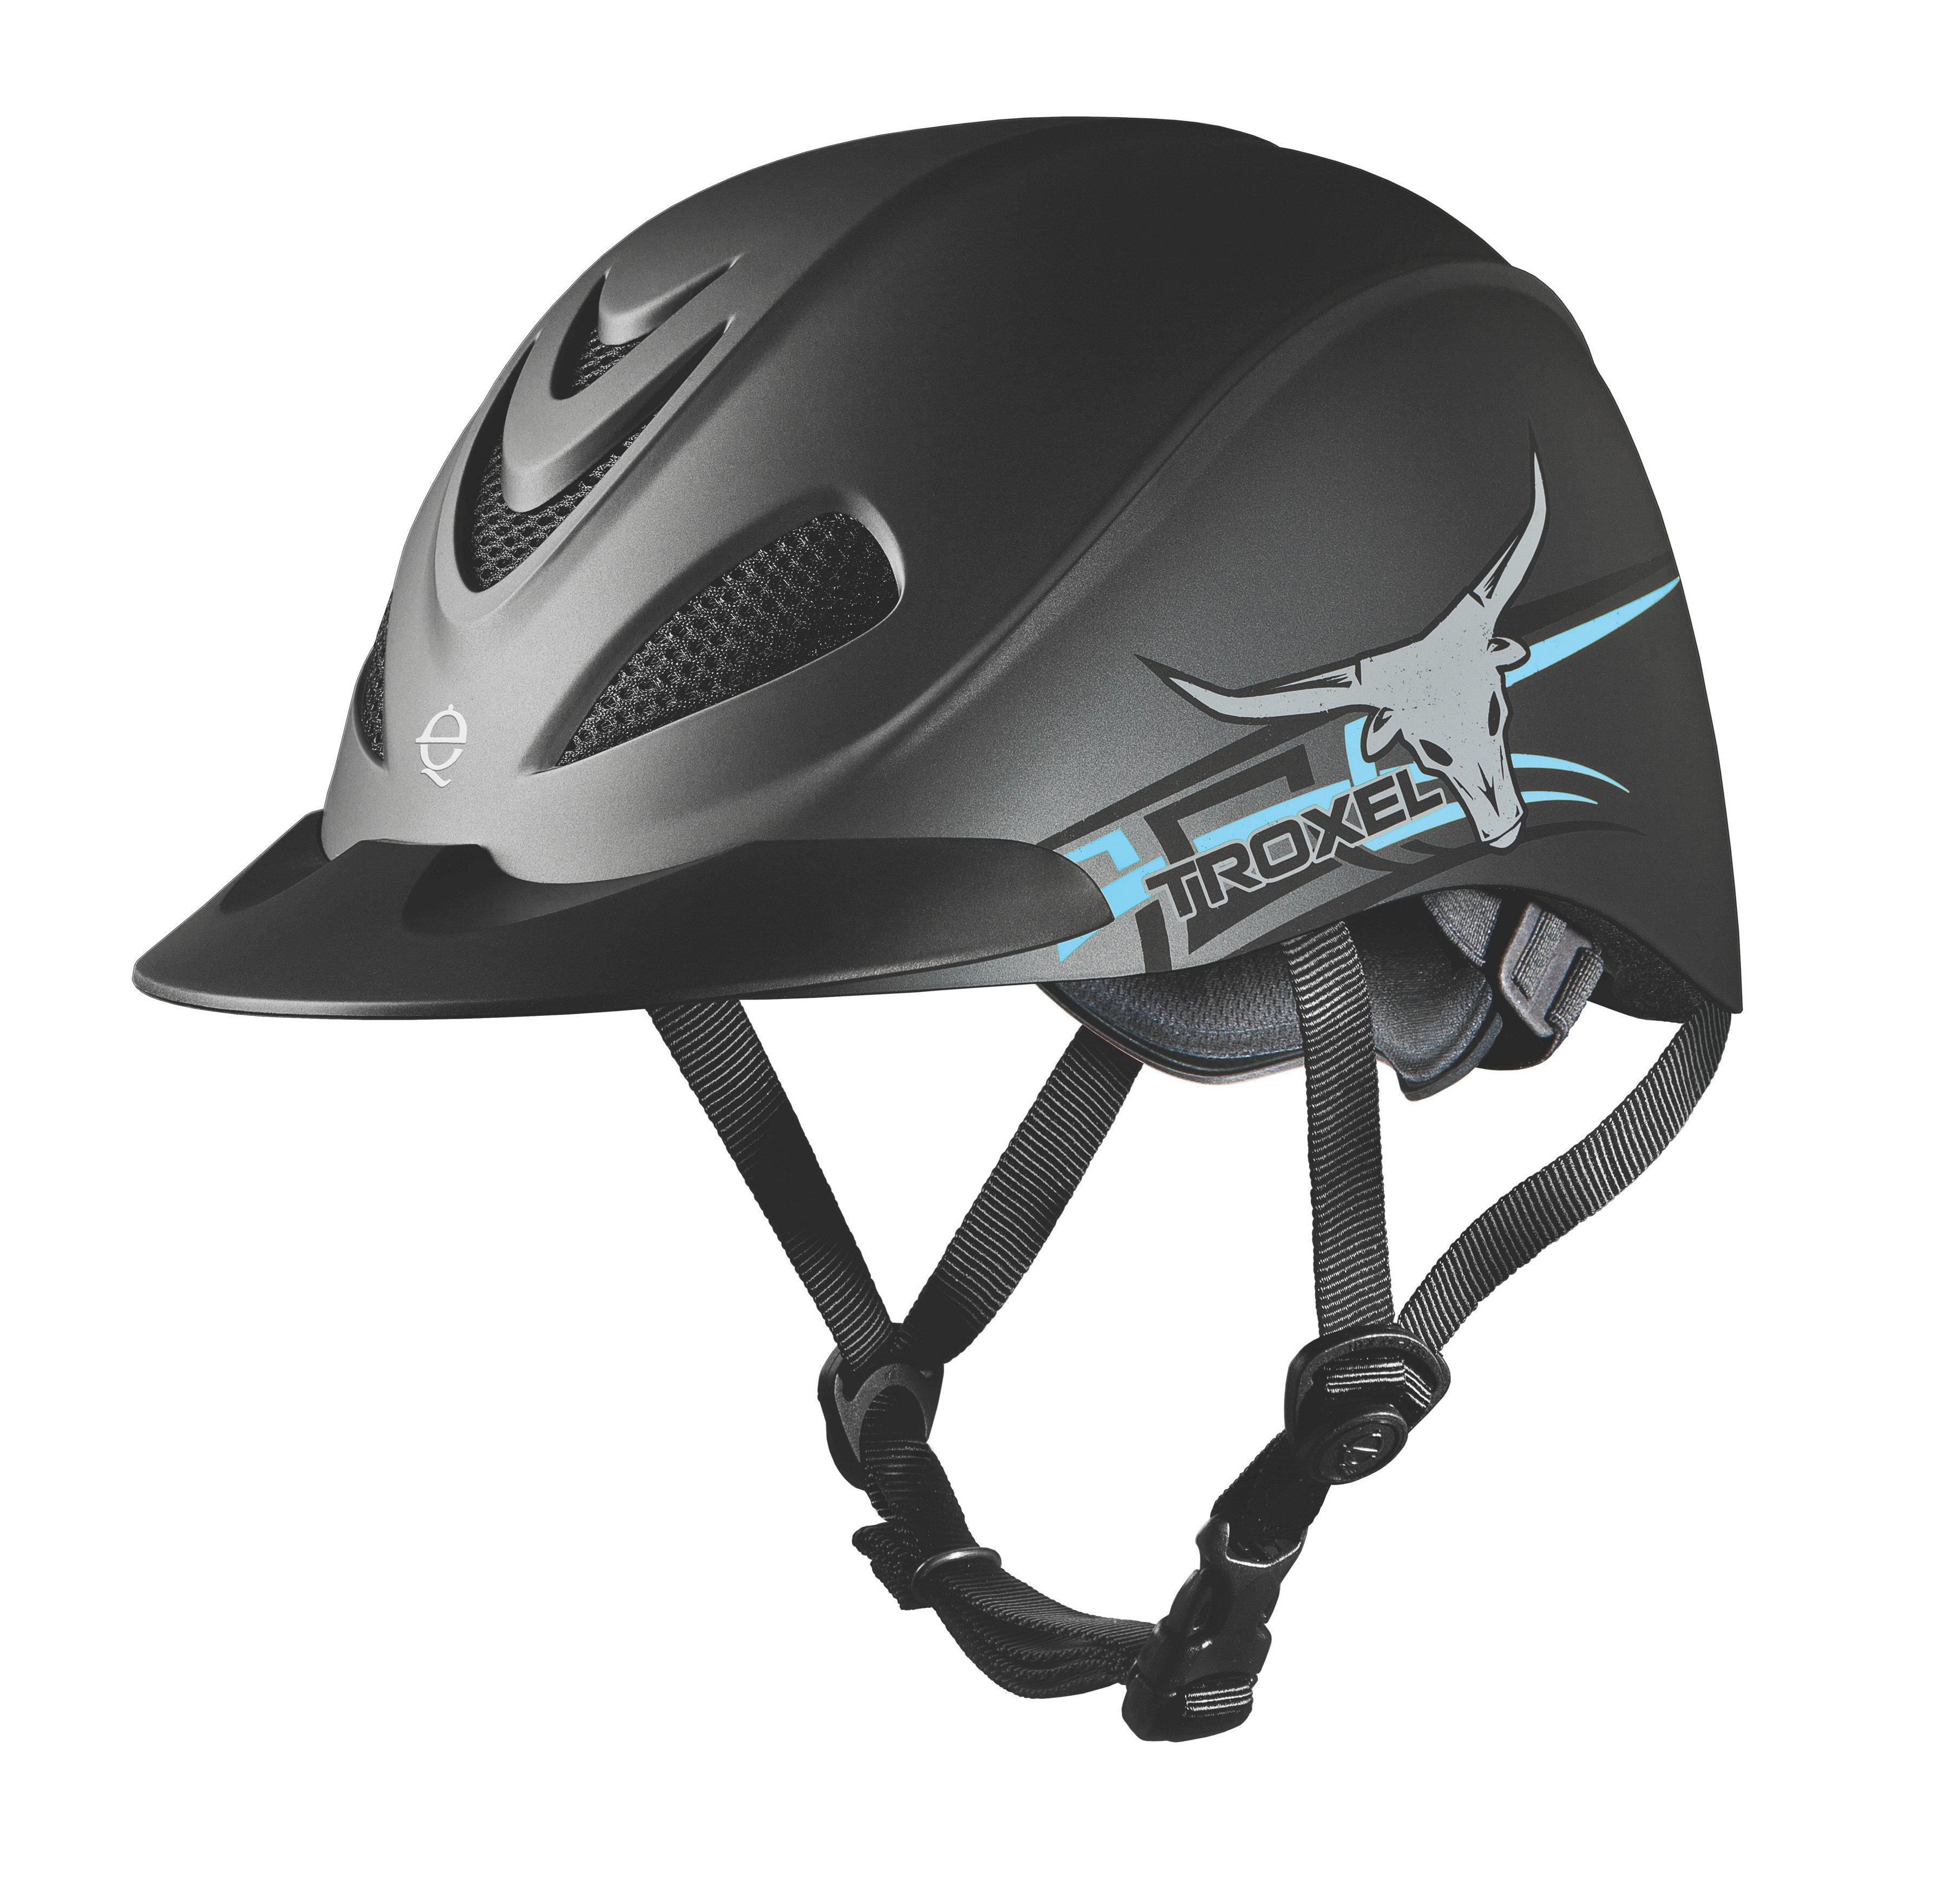 TROXEL Rebel Western Helmet - Steer